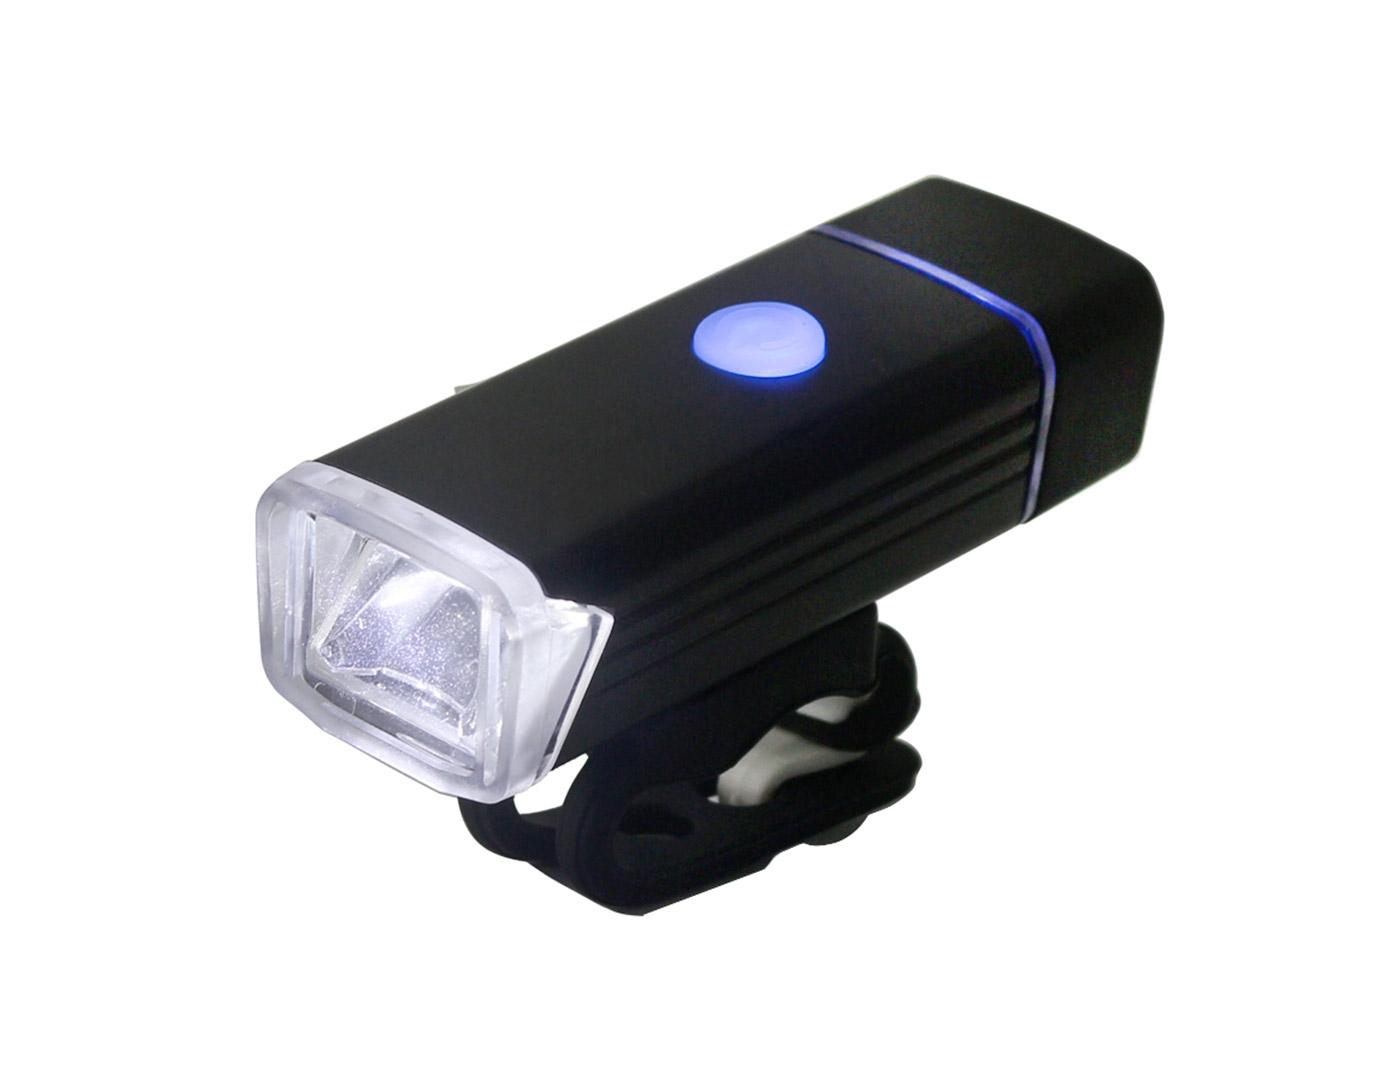 Фонарь передний Lumen 201, 300 lumen, USB, 1200mAh